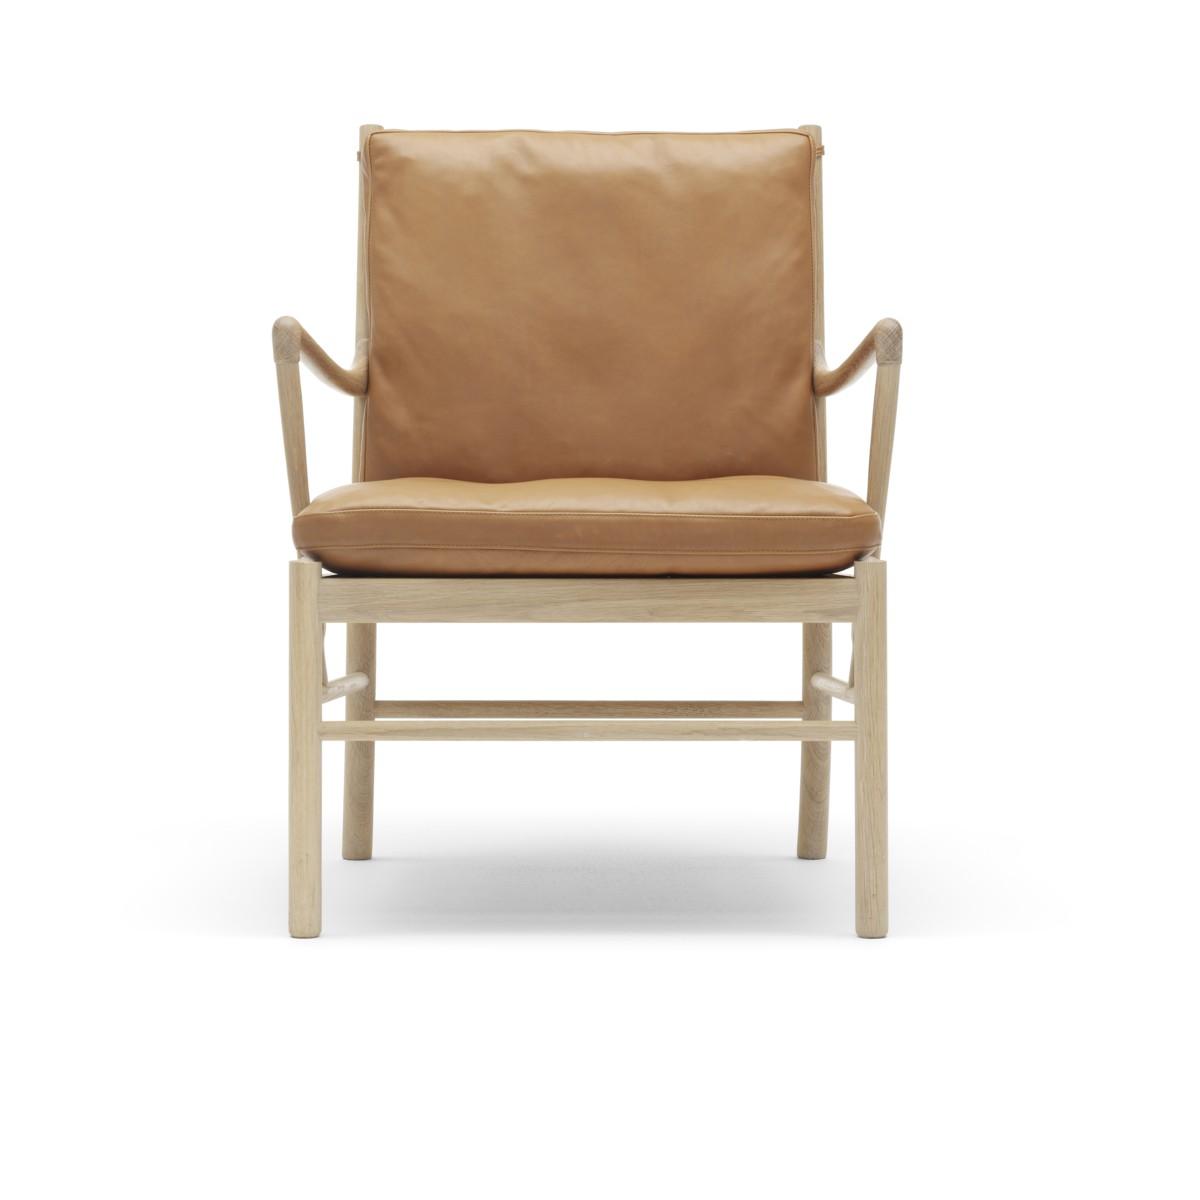 Carl Hansen OW147 Colonial chair